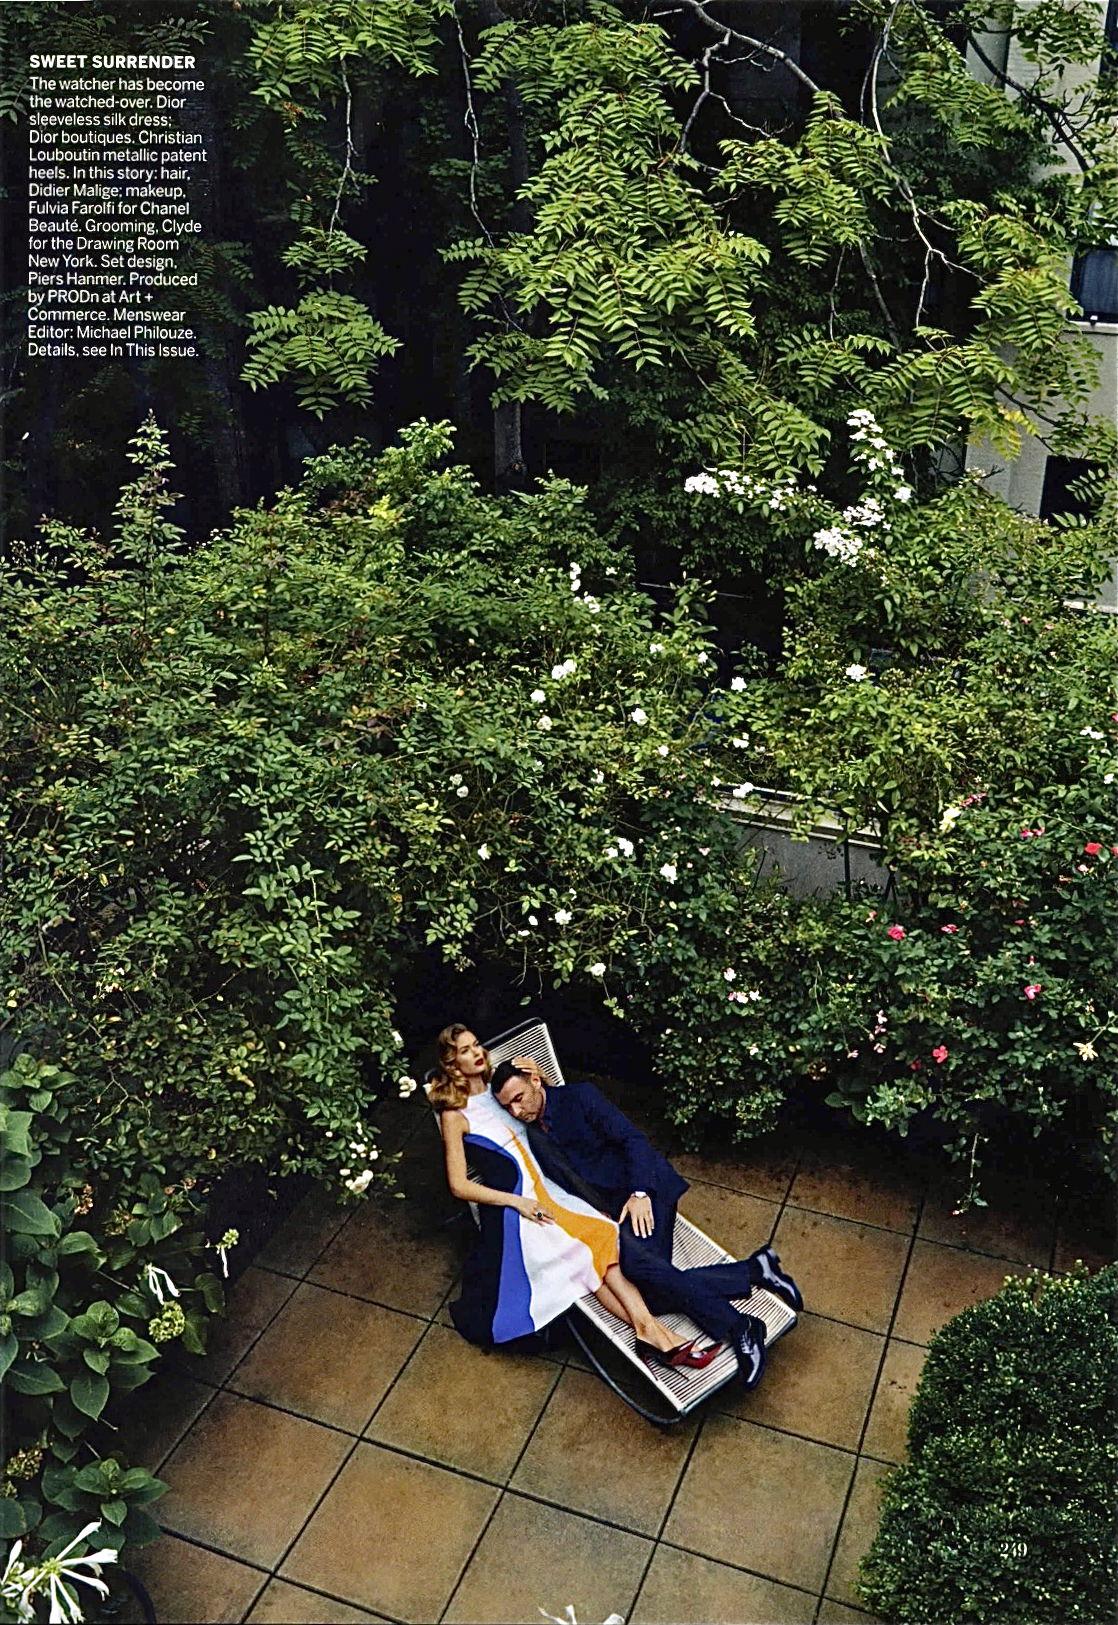 Liev Schreiber Magazine clipping